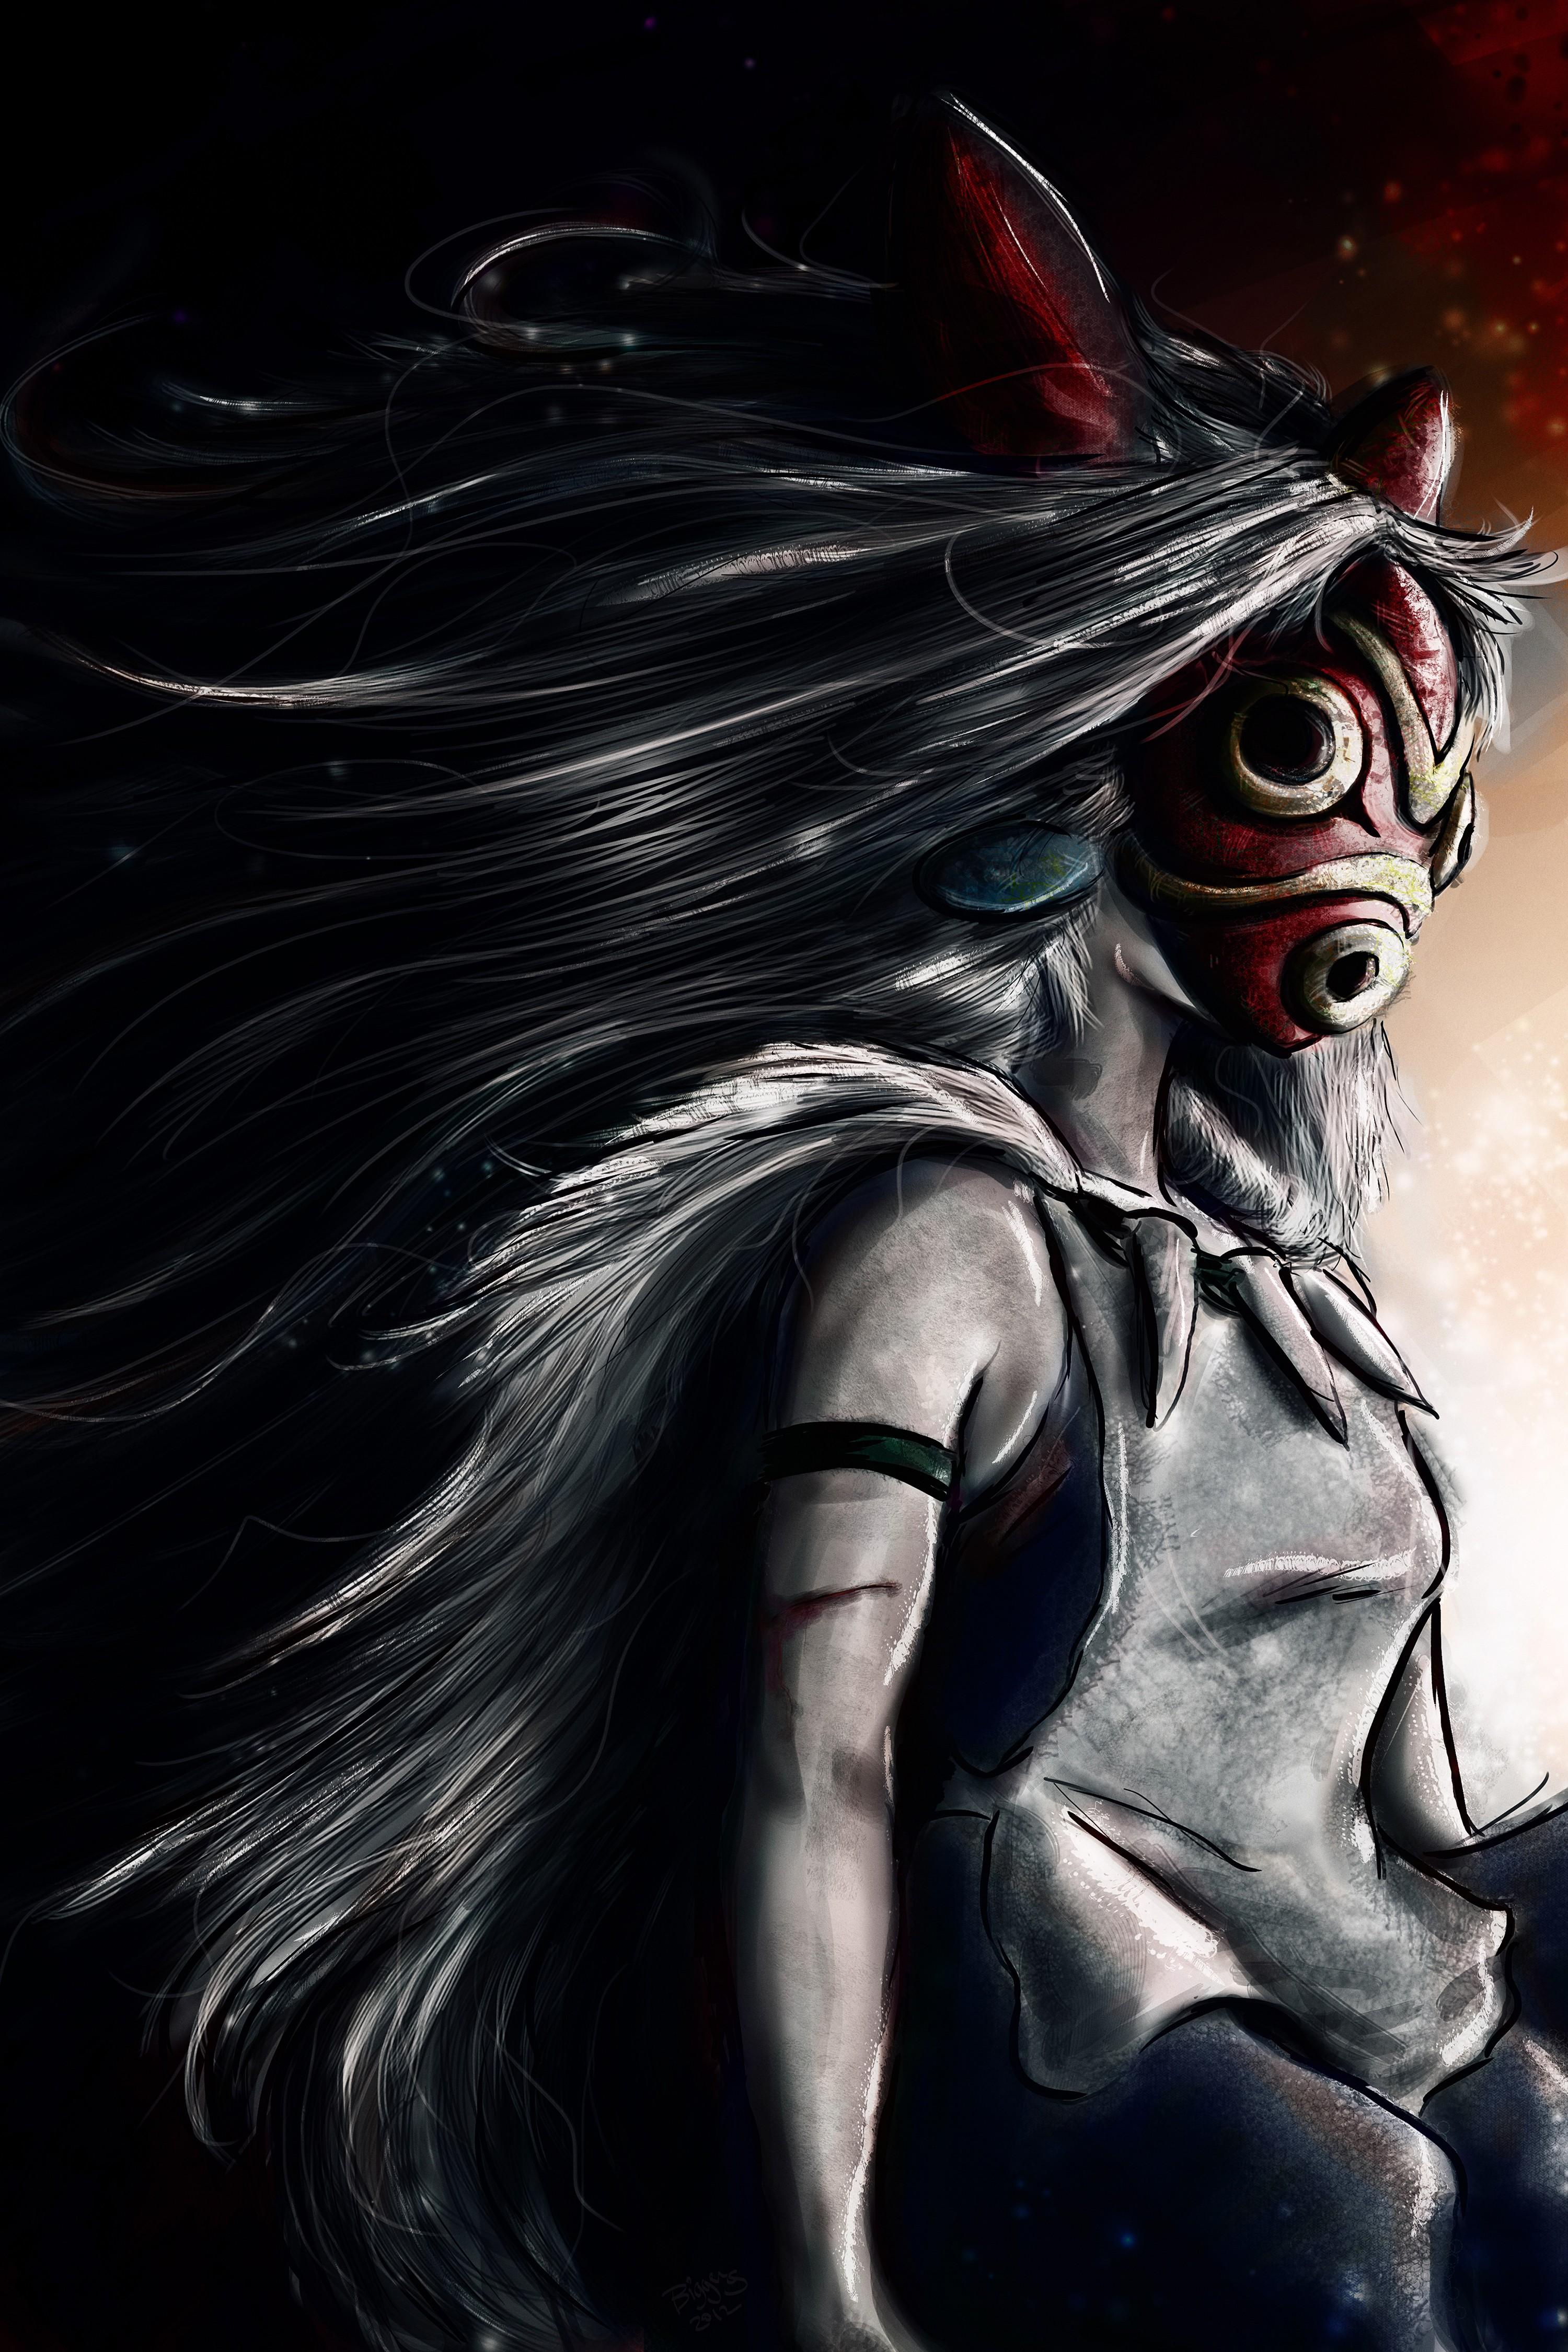 Princess Mononoke Wallpaper Hd Posted By John Simpson